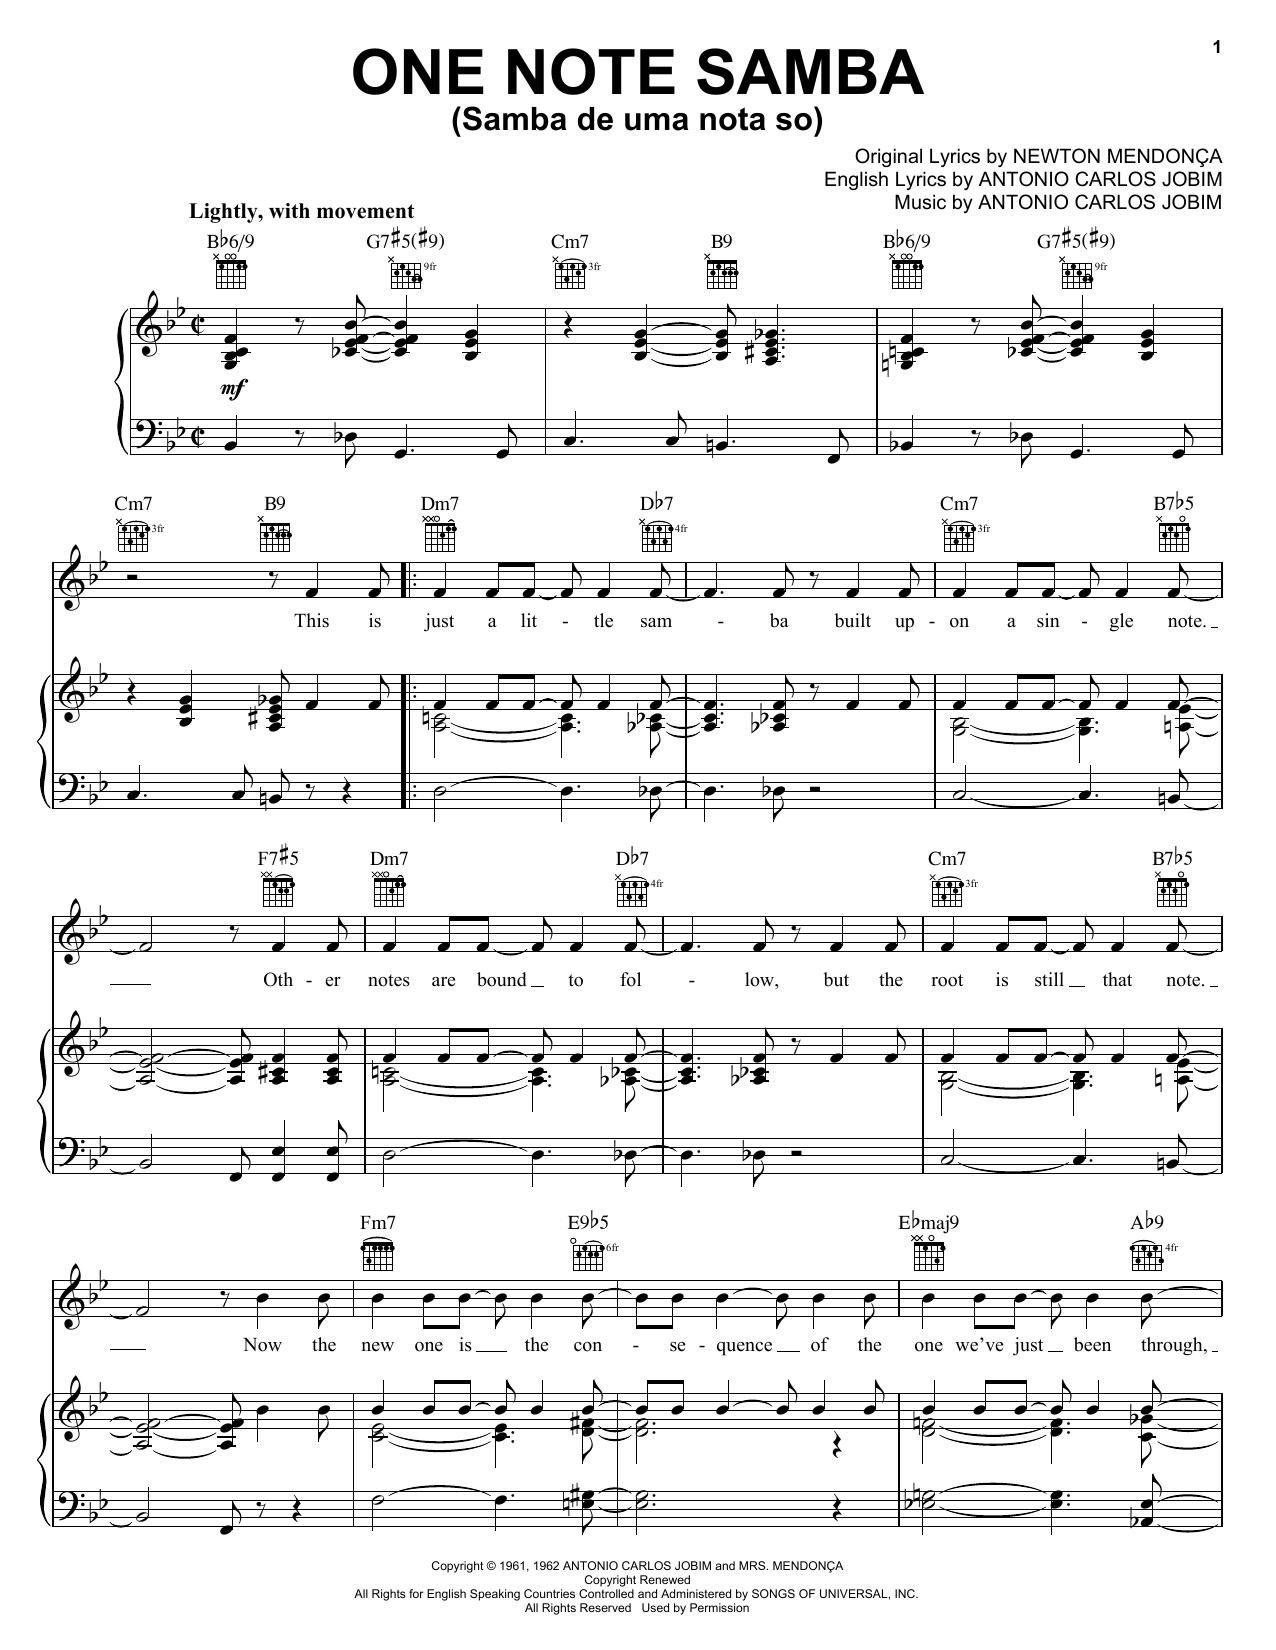 Antonio Carlos Jobim One Note Samba (Samba De Uma Nota So) sheet music preview music notes and score for Guitar Tab including 3 page(s)